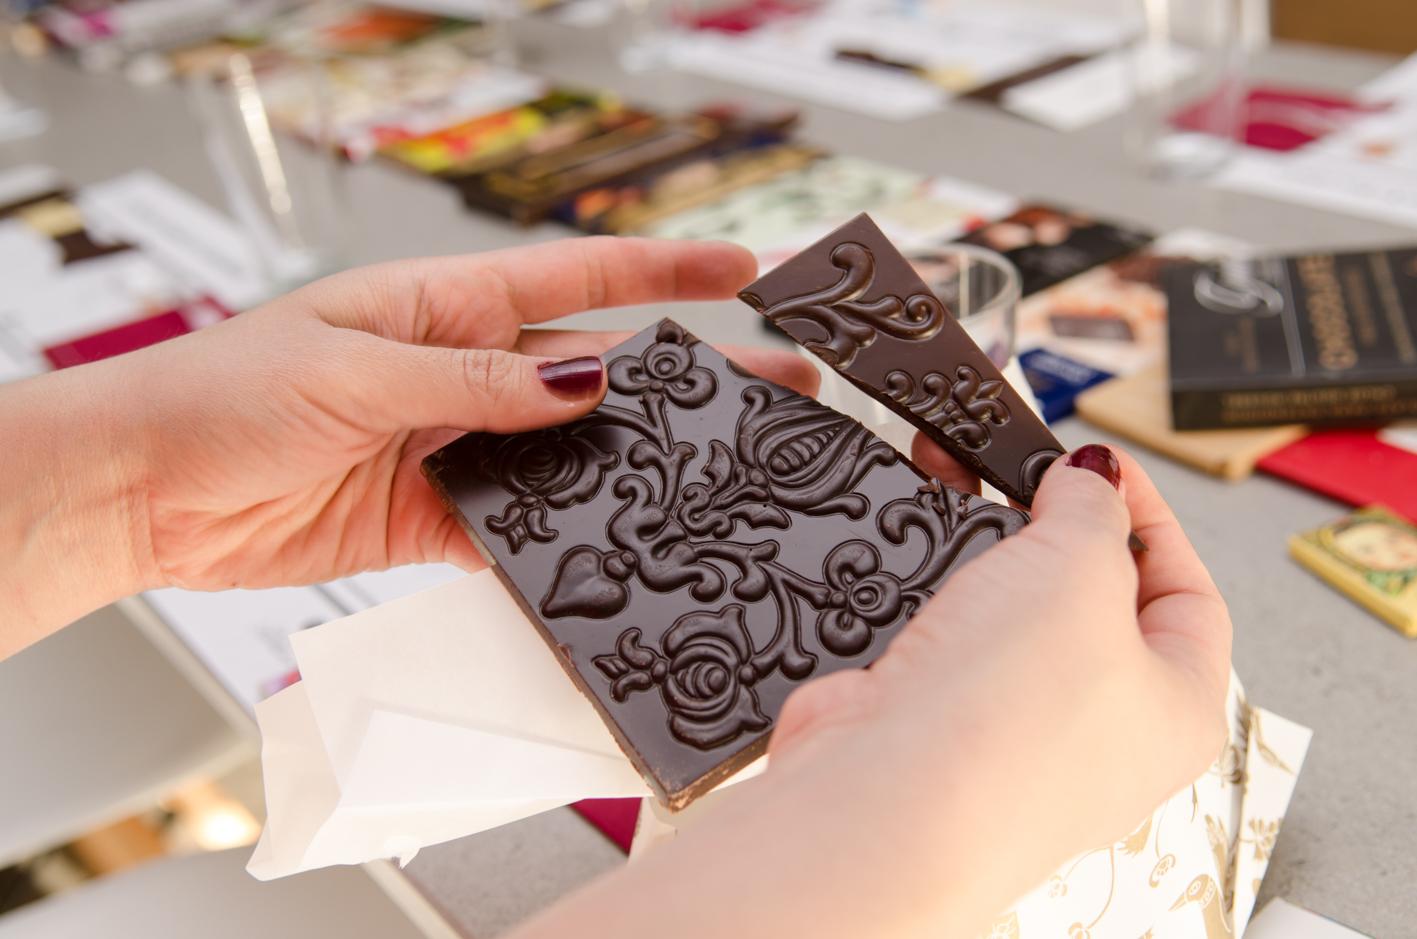 Agencia de Comunicación para marcas de chocolate